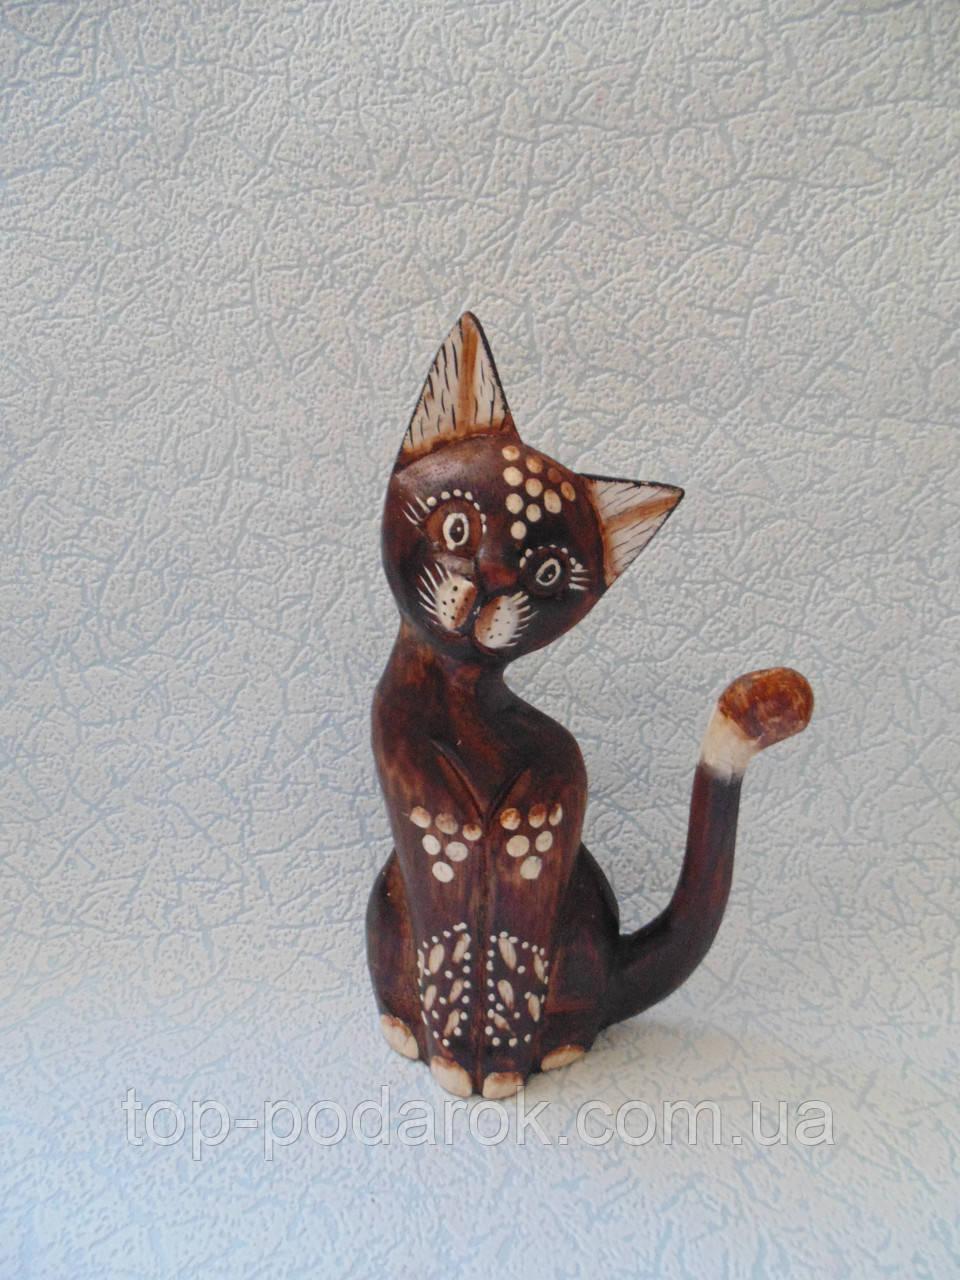 Статуэтка кошка деревянная высота 20 см